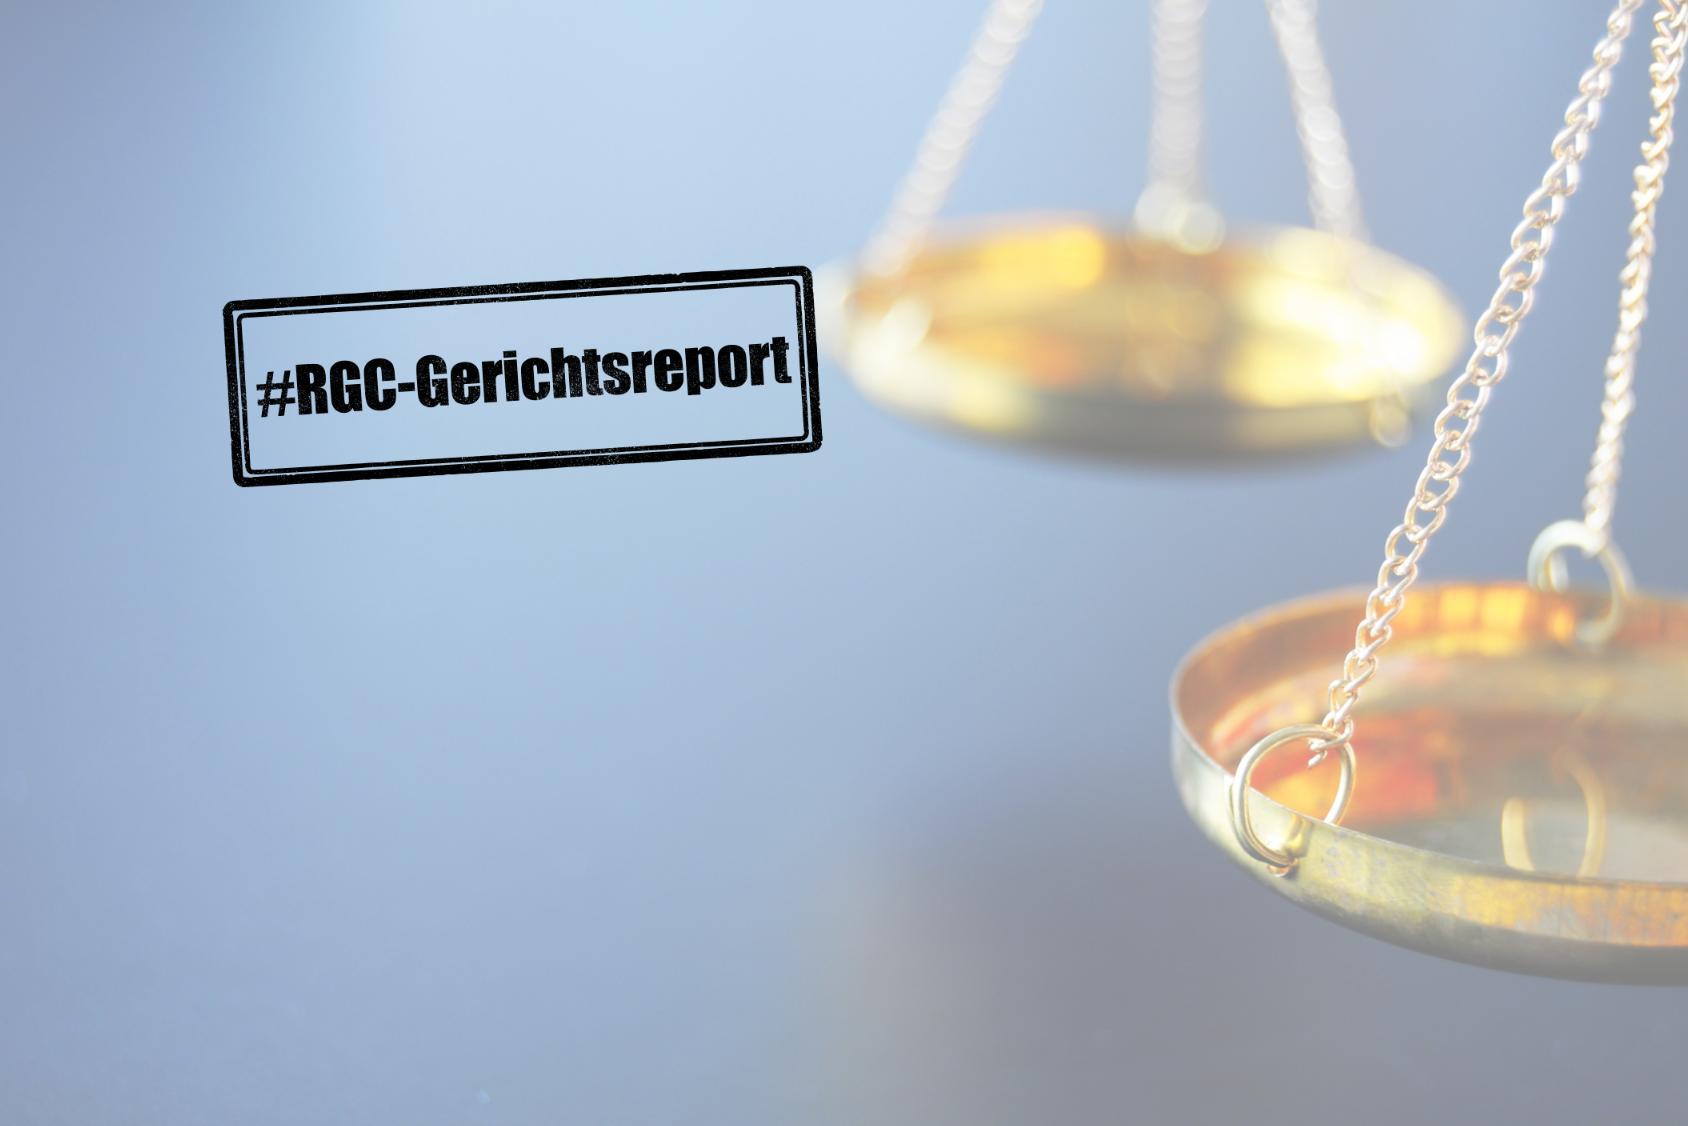 OLG Köln: Strompreiserhöhung darf nicht in allgemeinem Schreiben versteckt werden